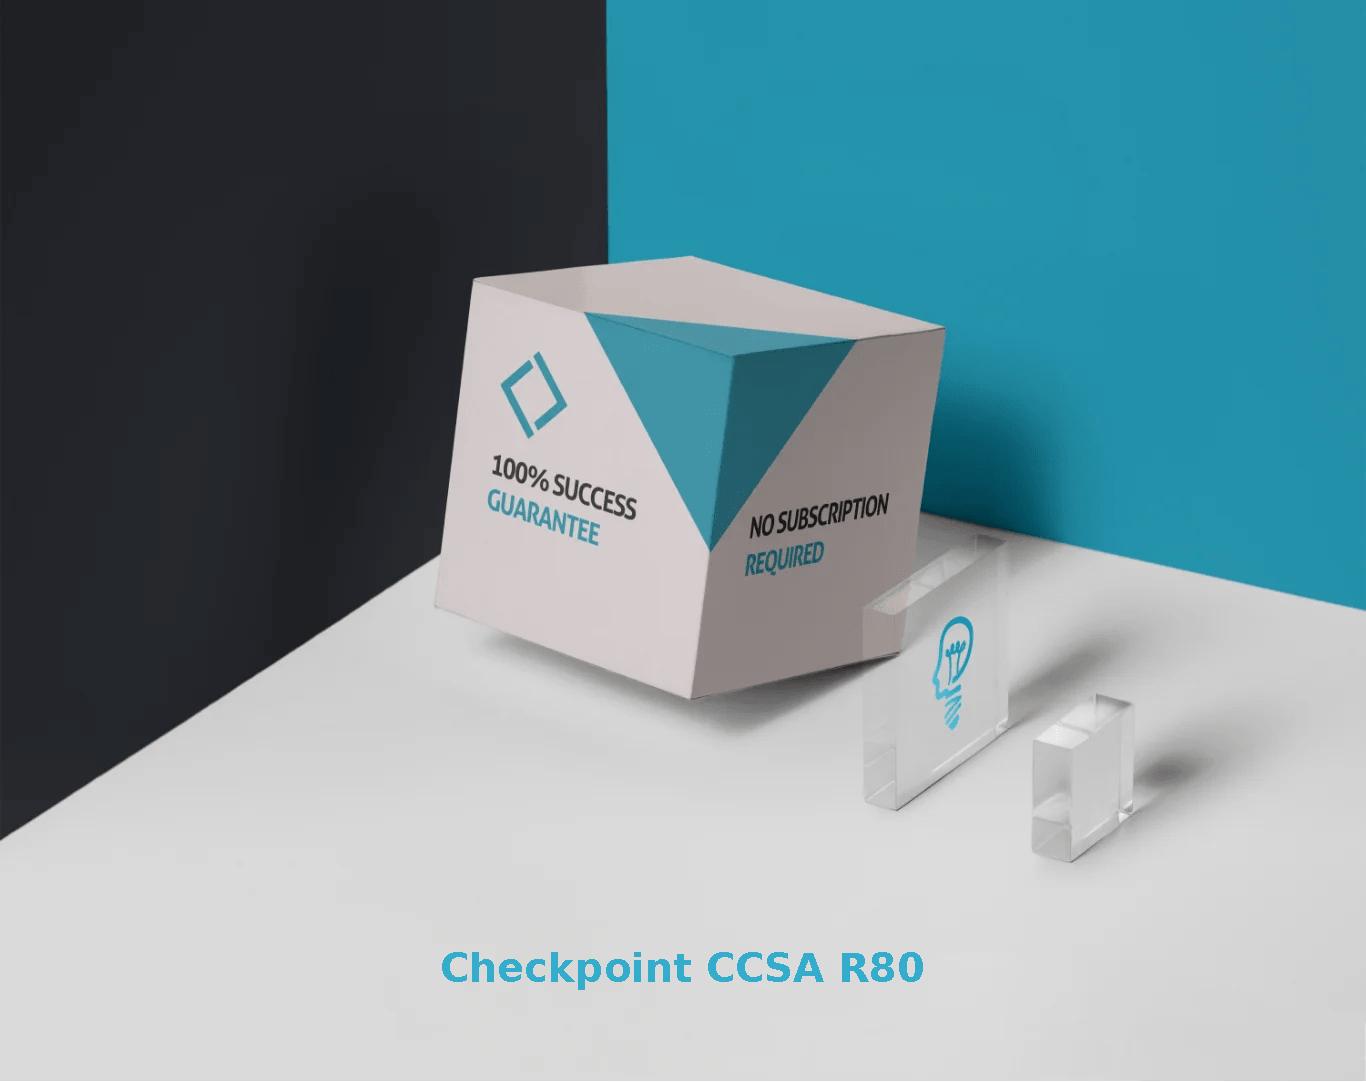 Checkpoint CCSA R80 Exams